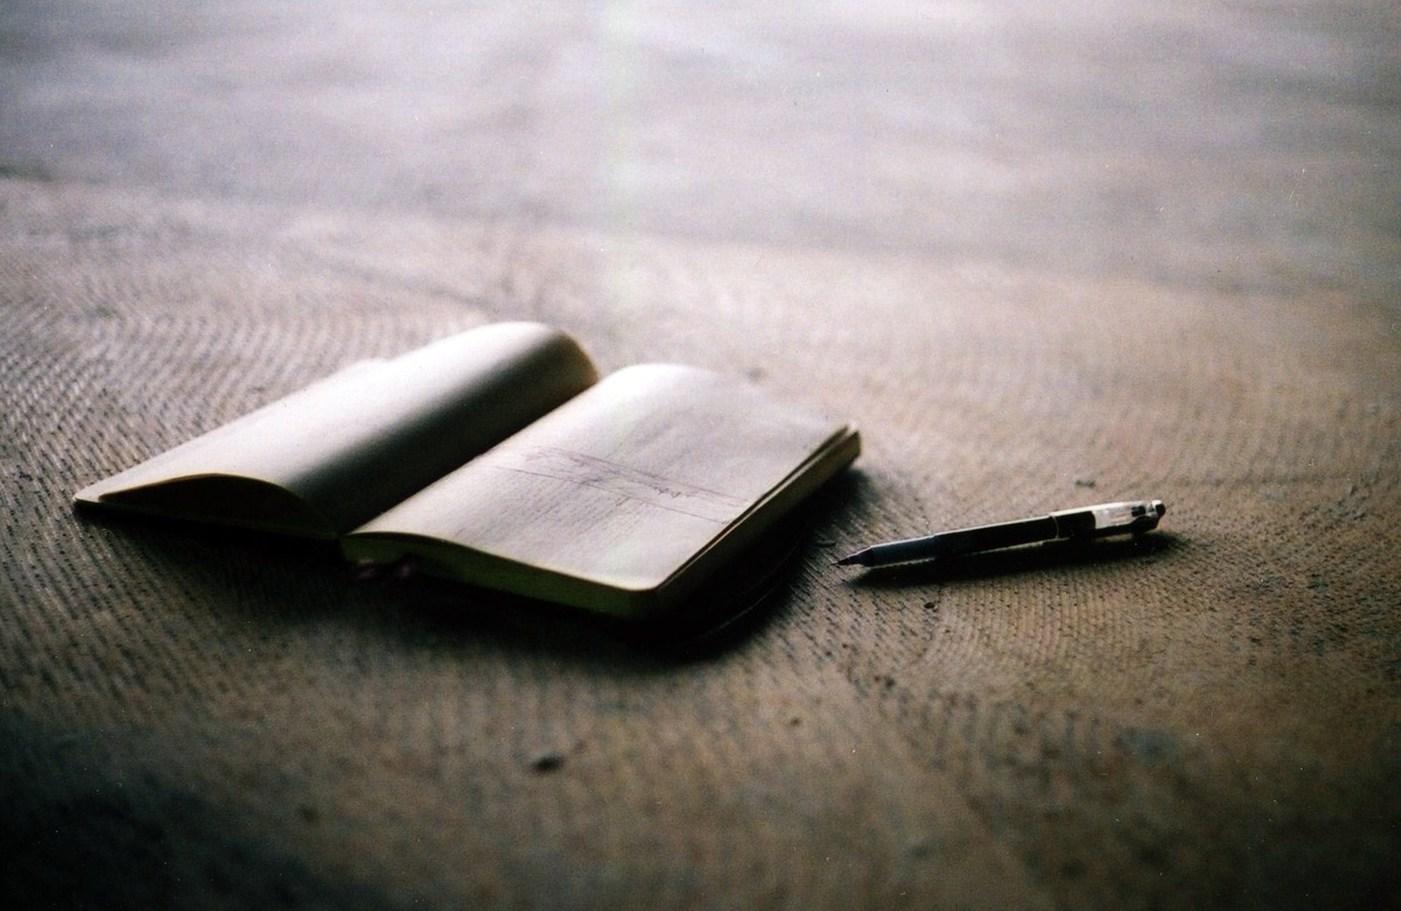 nhật ký 1 - Hãy để trái tim dẫn lối đam mê của bạn!